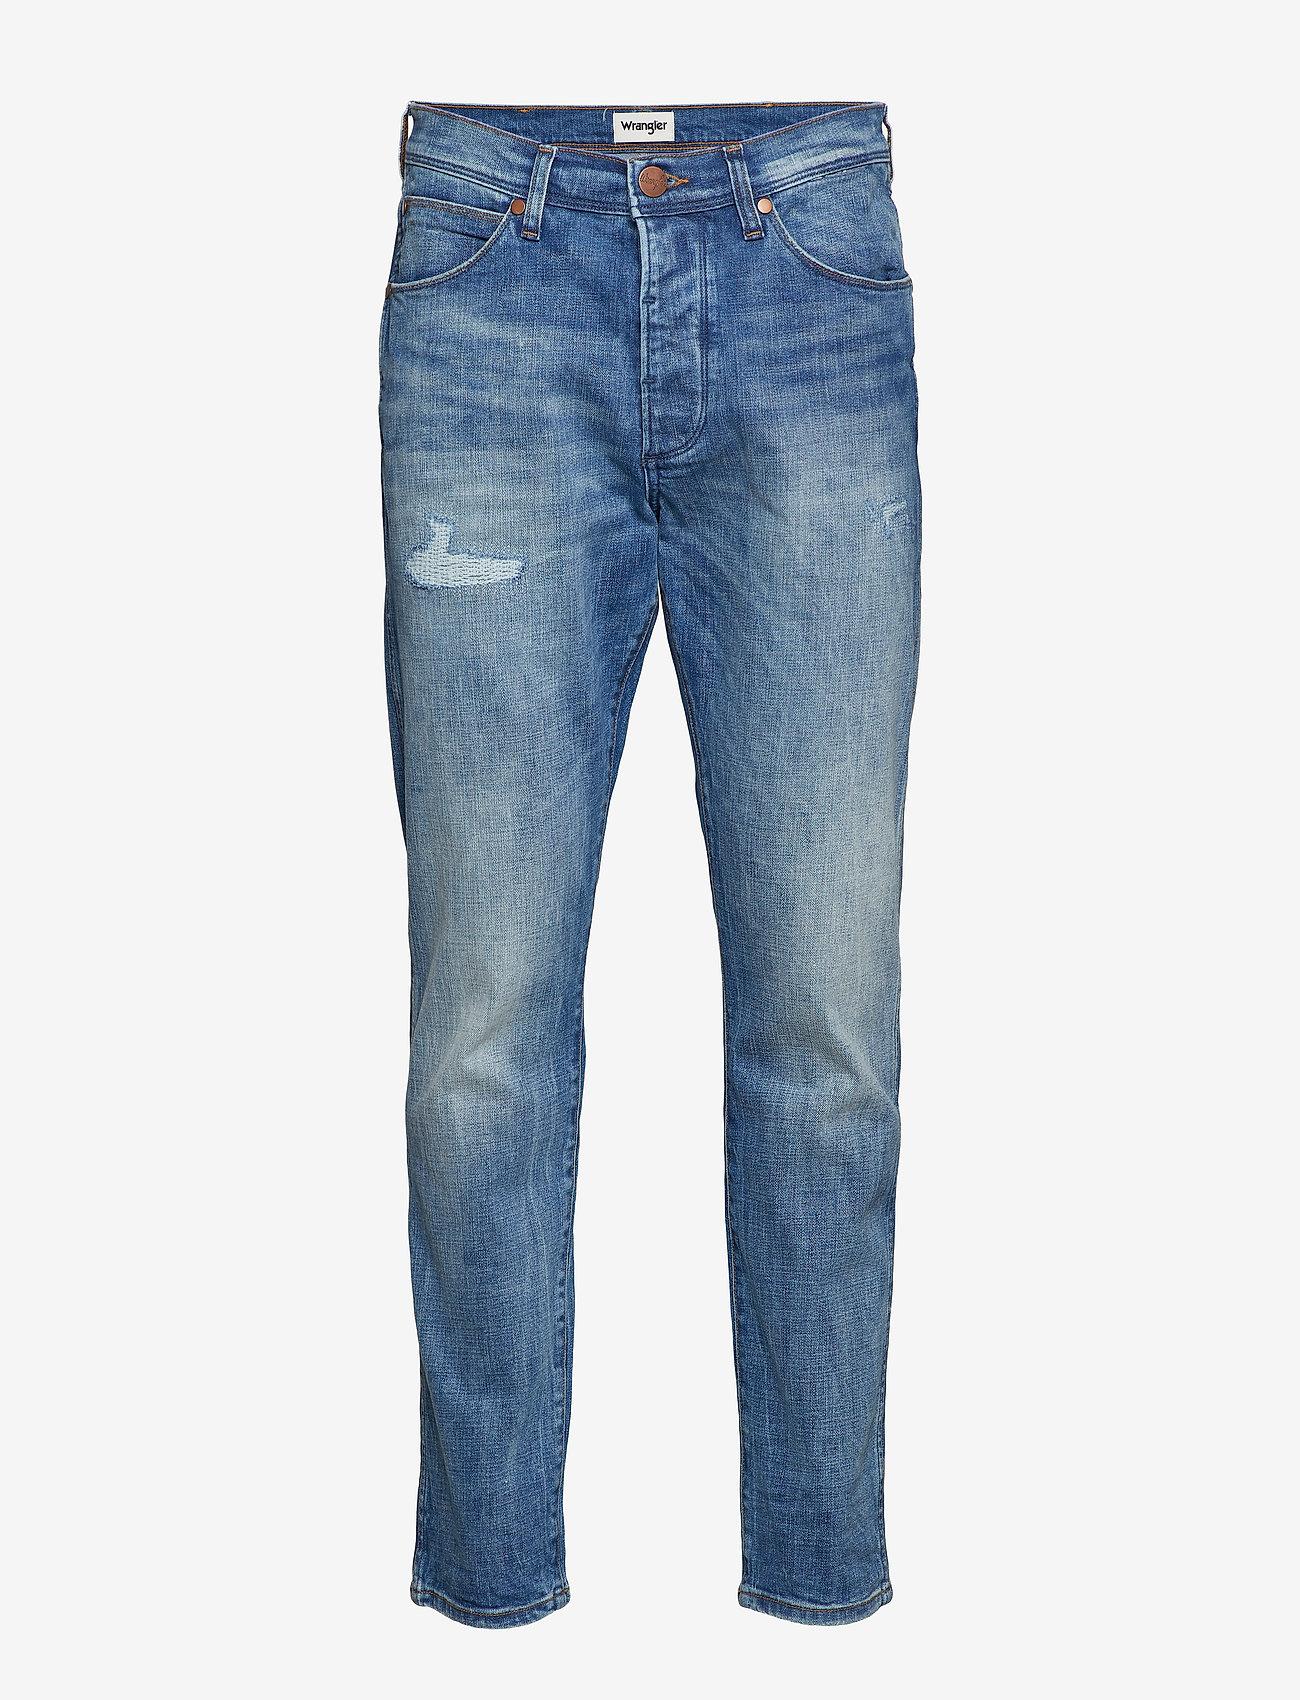 Wrangler - SLIDER - regular jeans - vintage noise